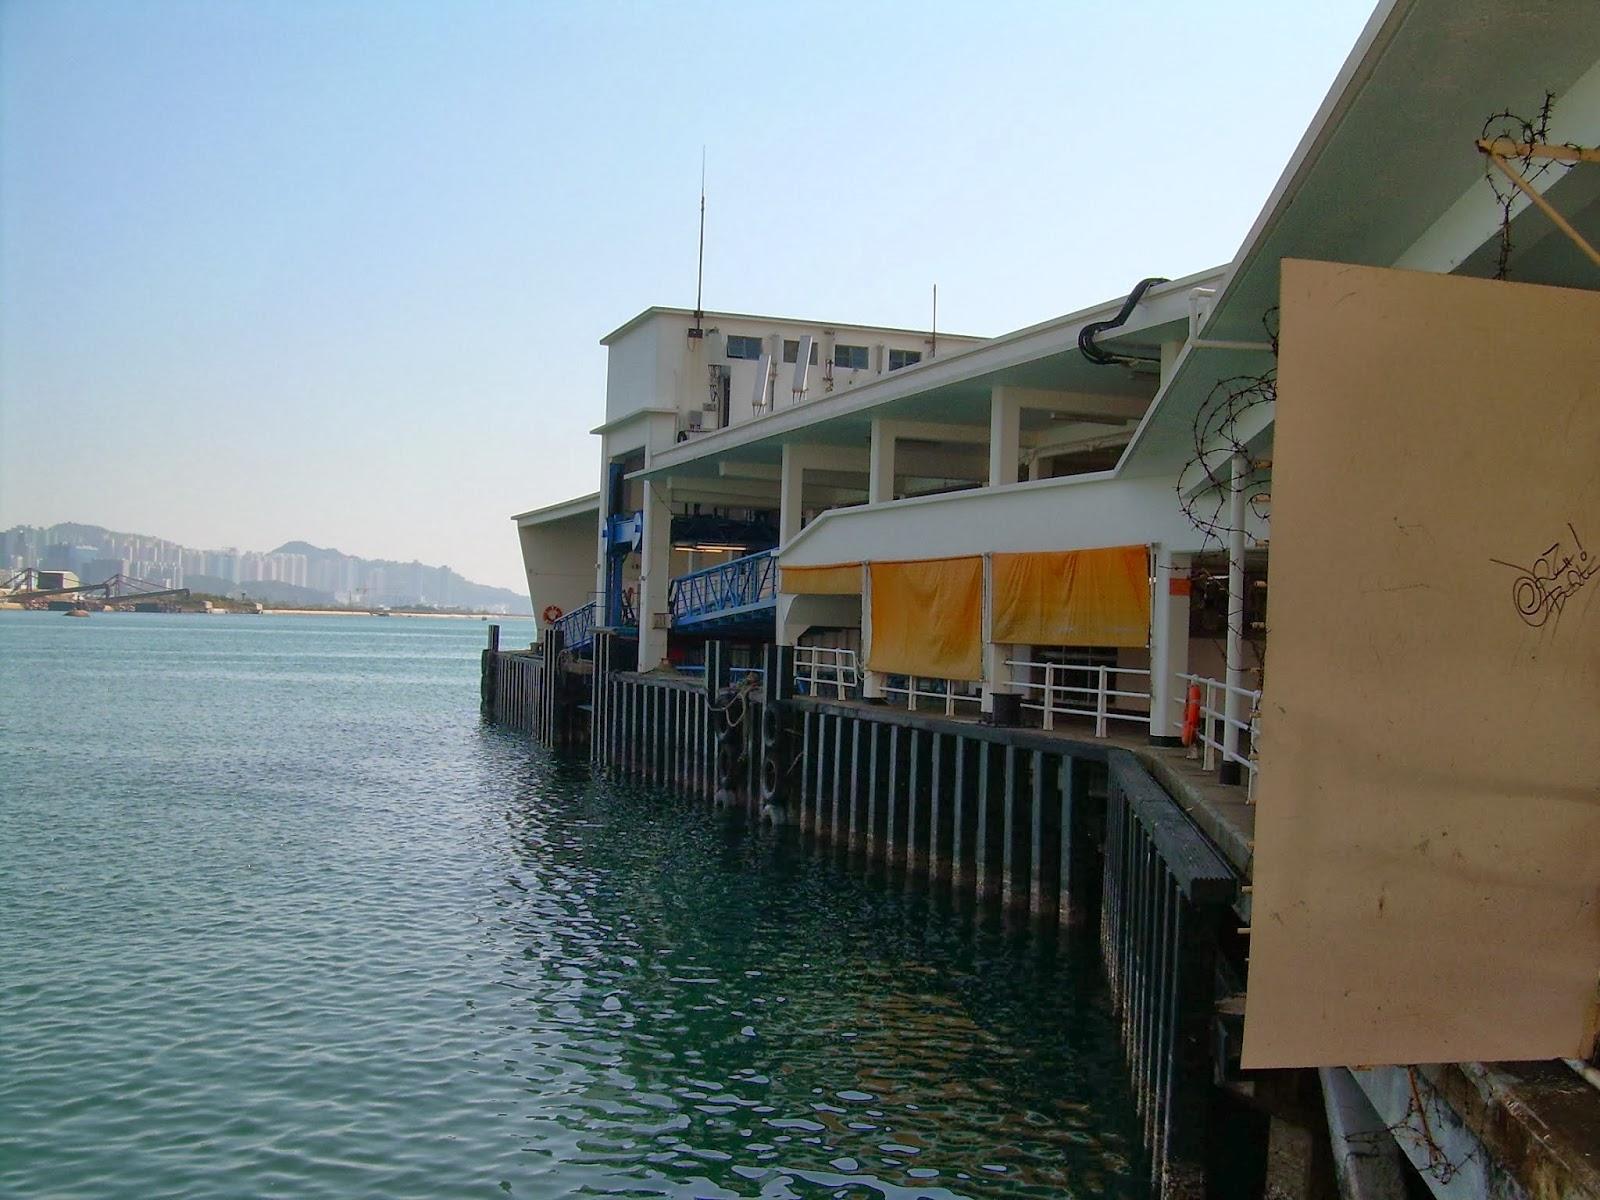 Hong Kong Walker香港遊 : 九龍城碼頭一帶Kowloon City Ferry Pier